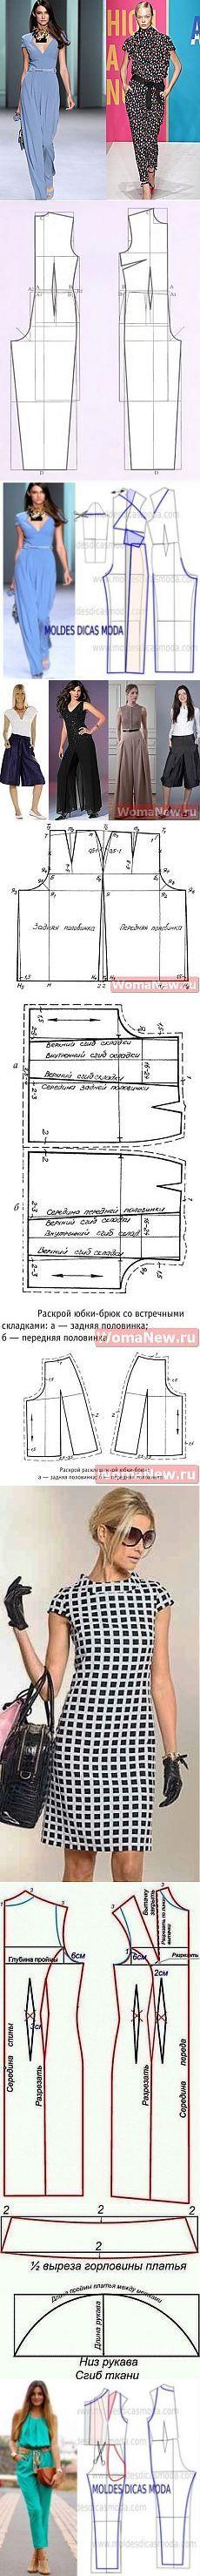 Выкройка комбинезона | WomaNew.ru - уроки кройки и шитья! | моделирование одежды | Комбинезоны, Шитье и Выкройка Комбинезона